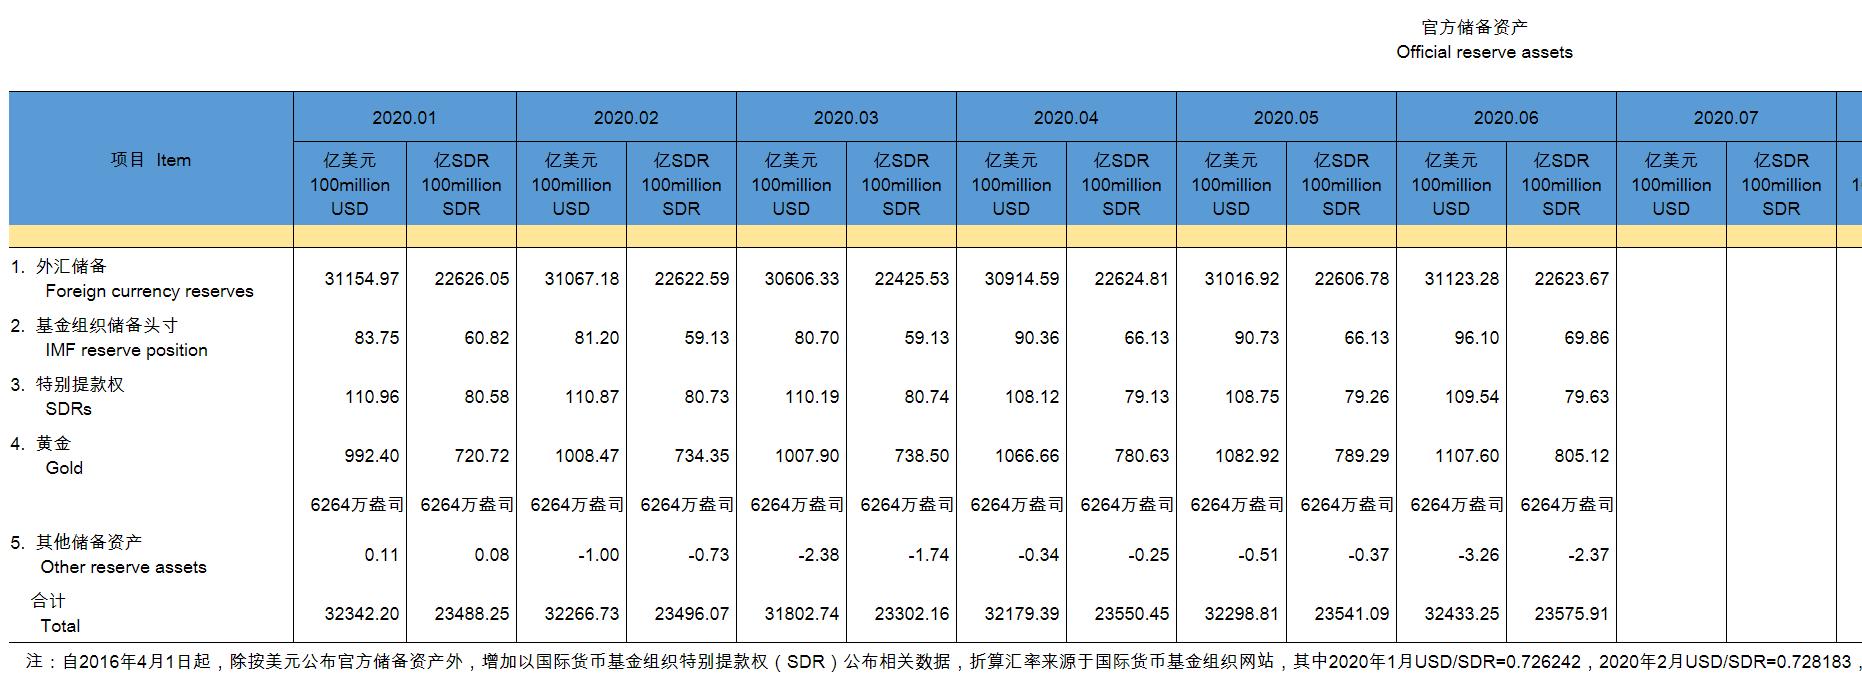 钠指视频直播中国央行:6月末黄金储备报6264万盎司